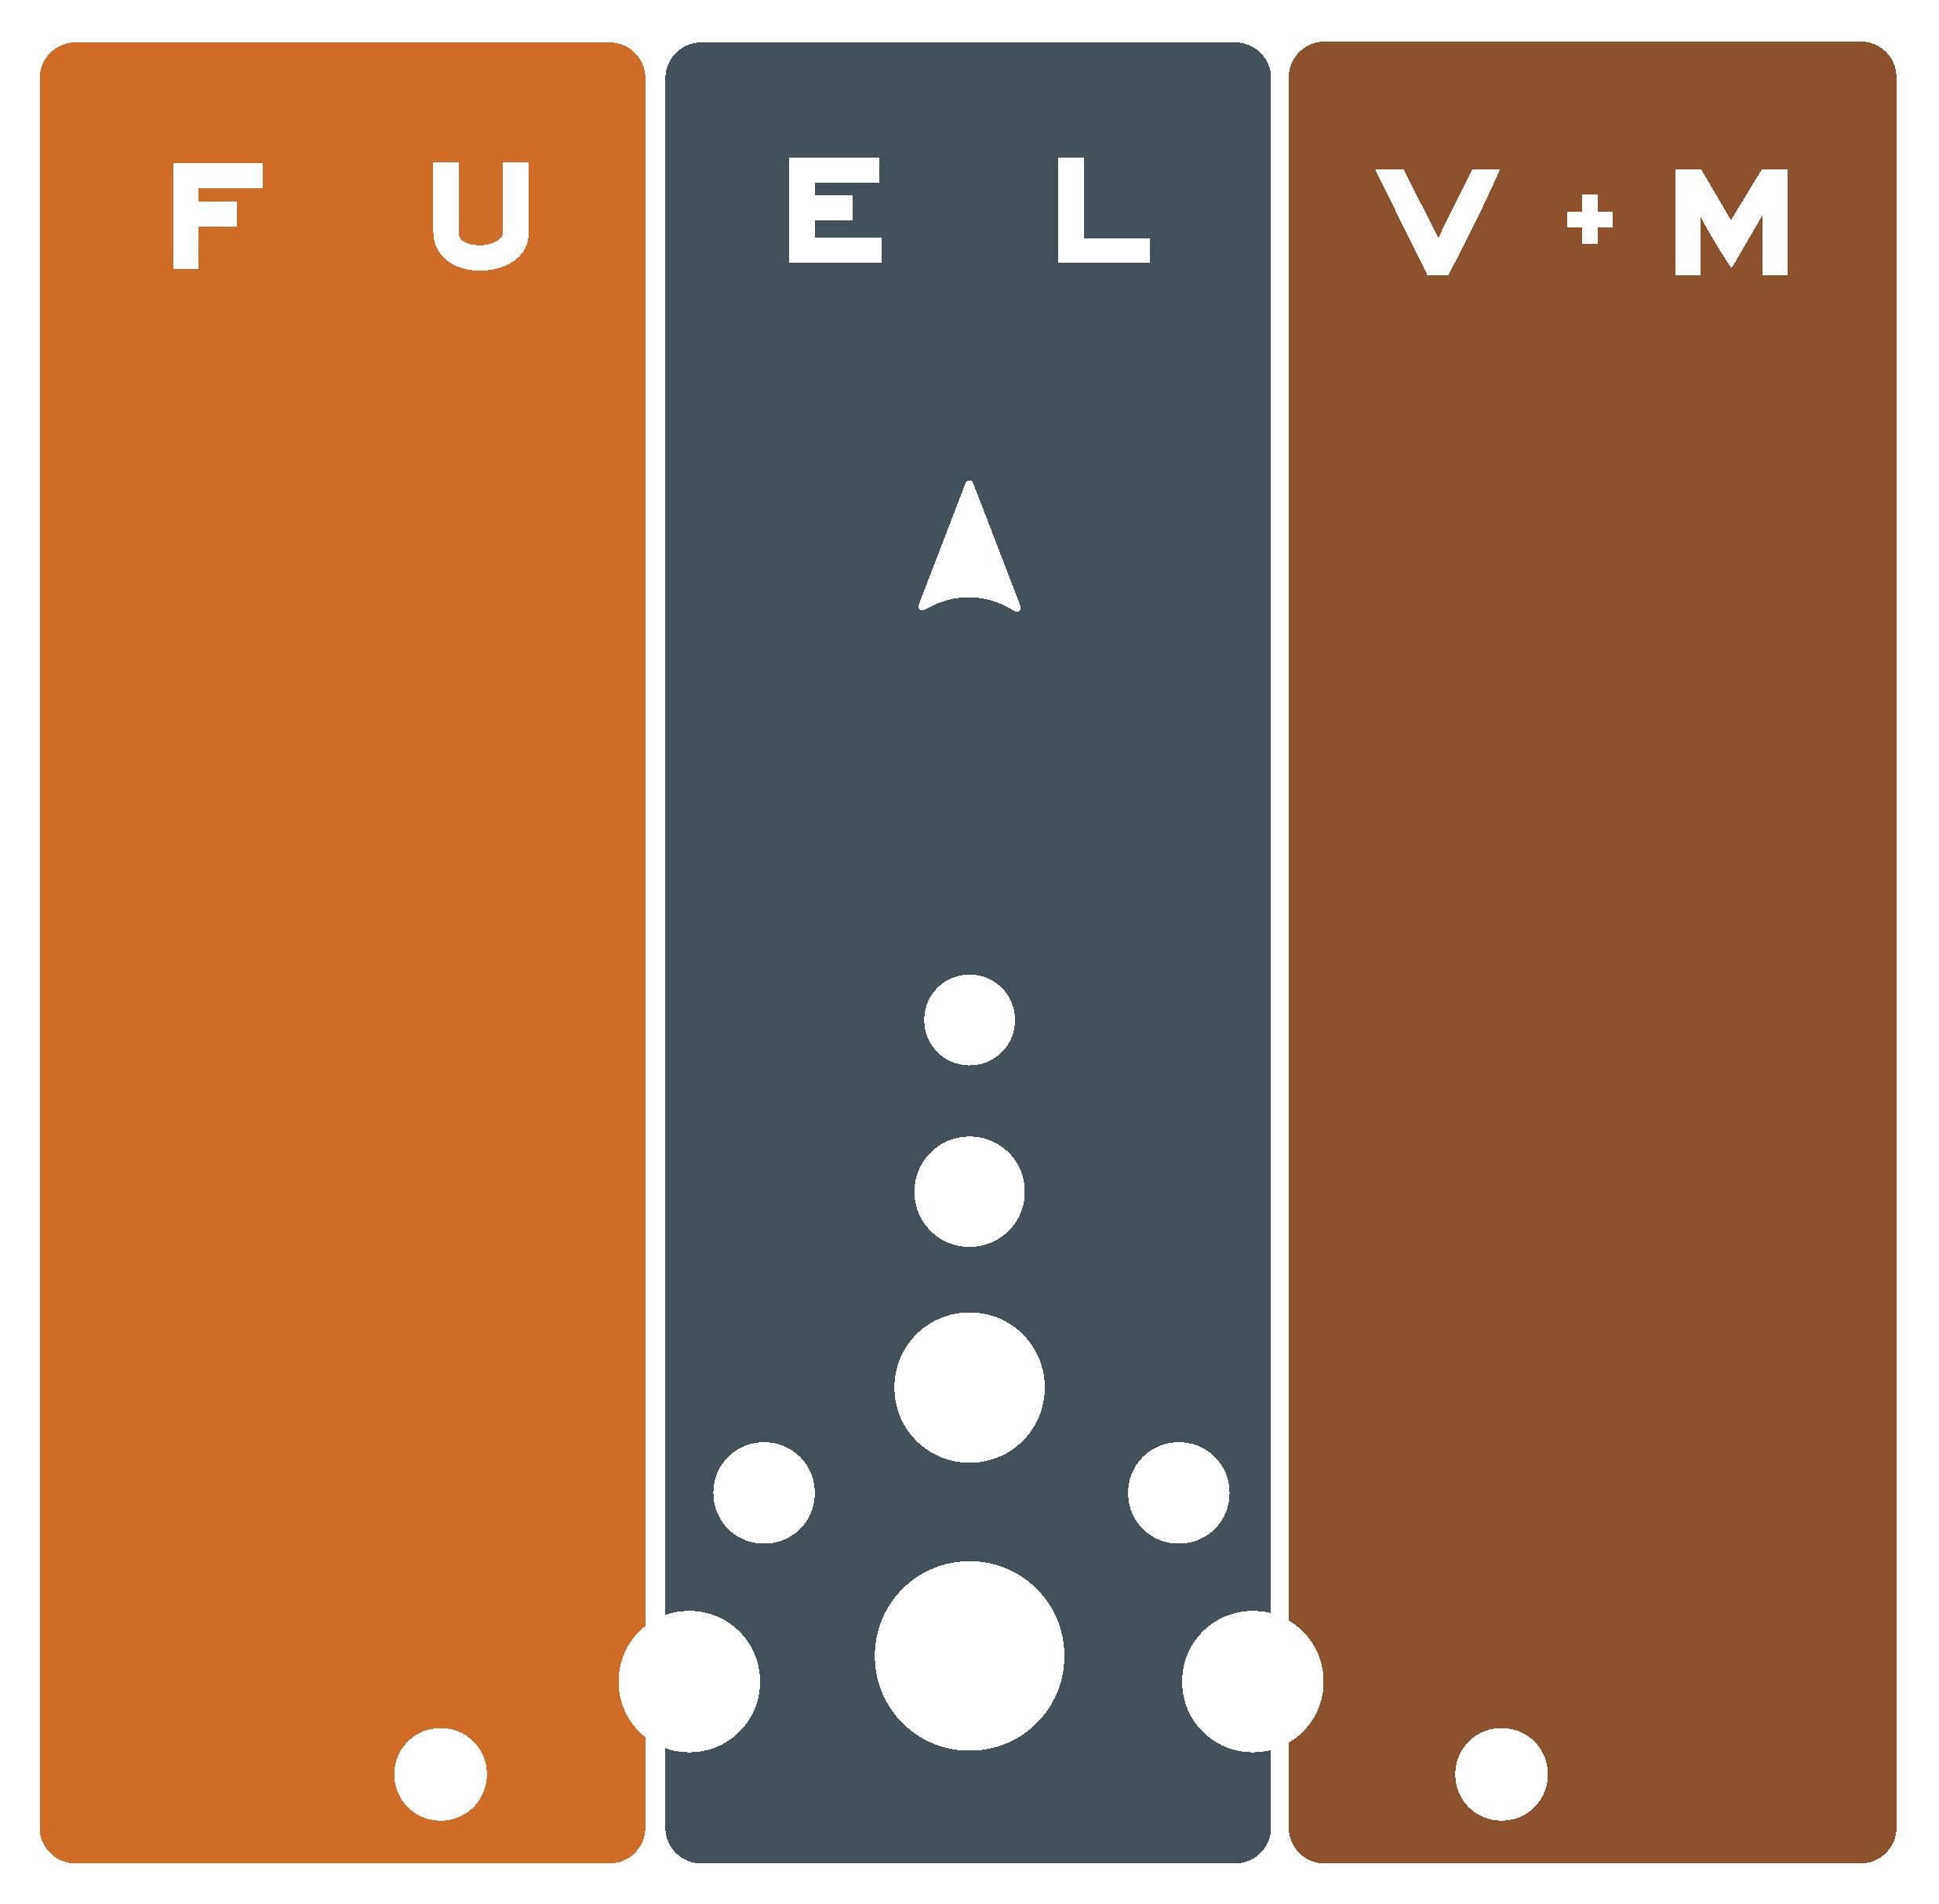 Fuel VM